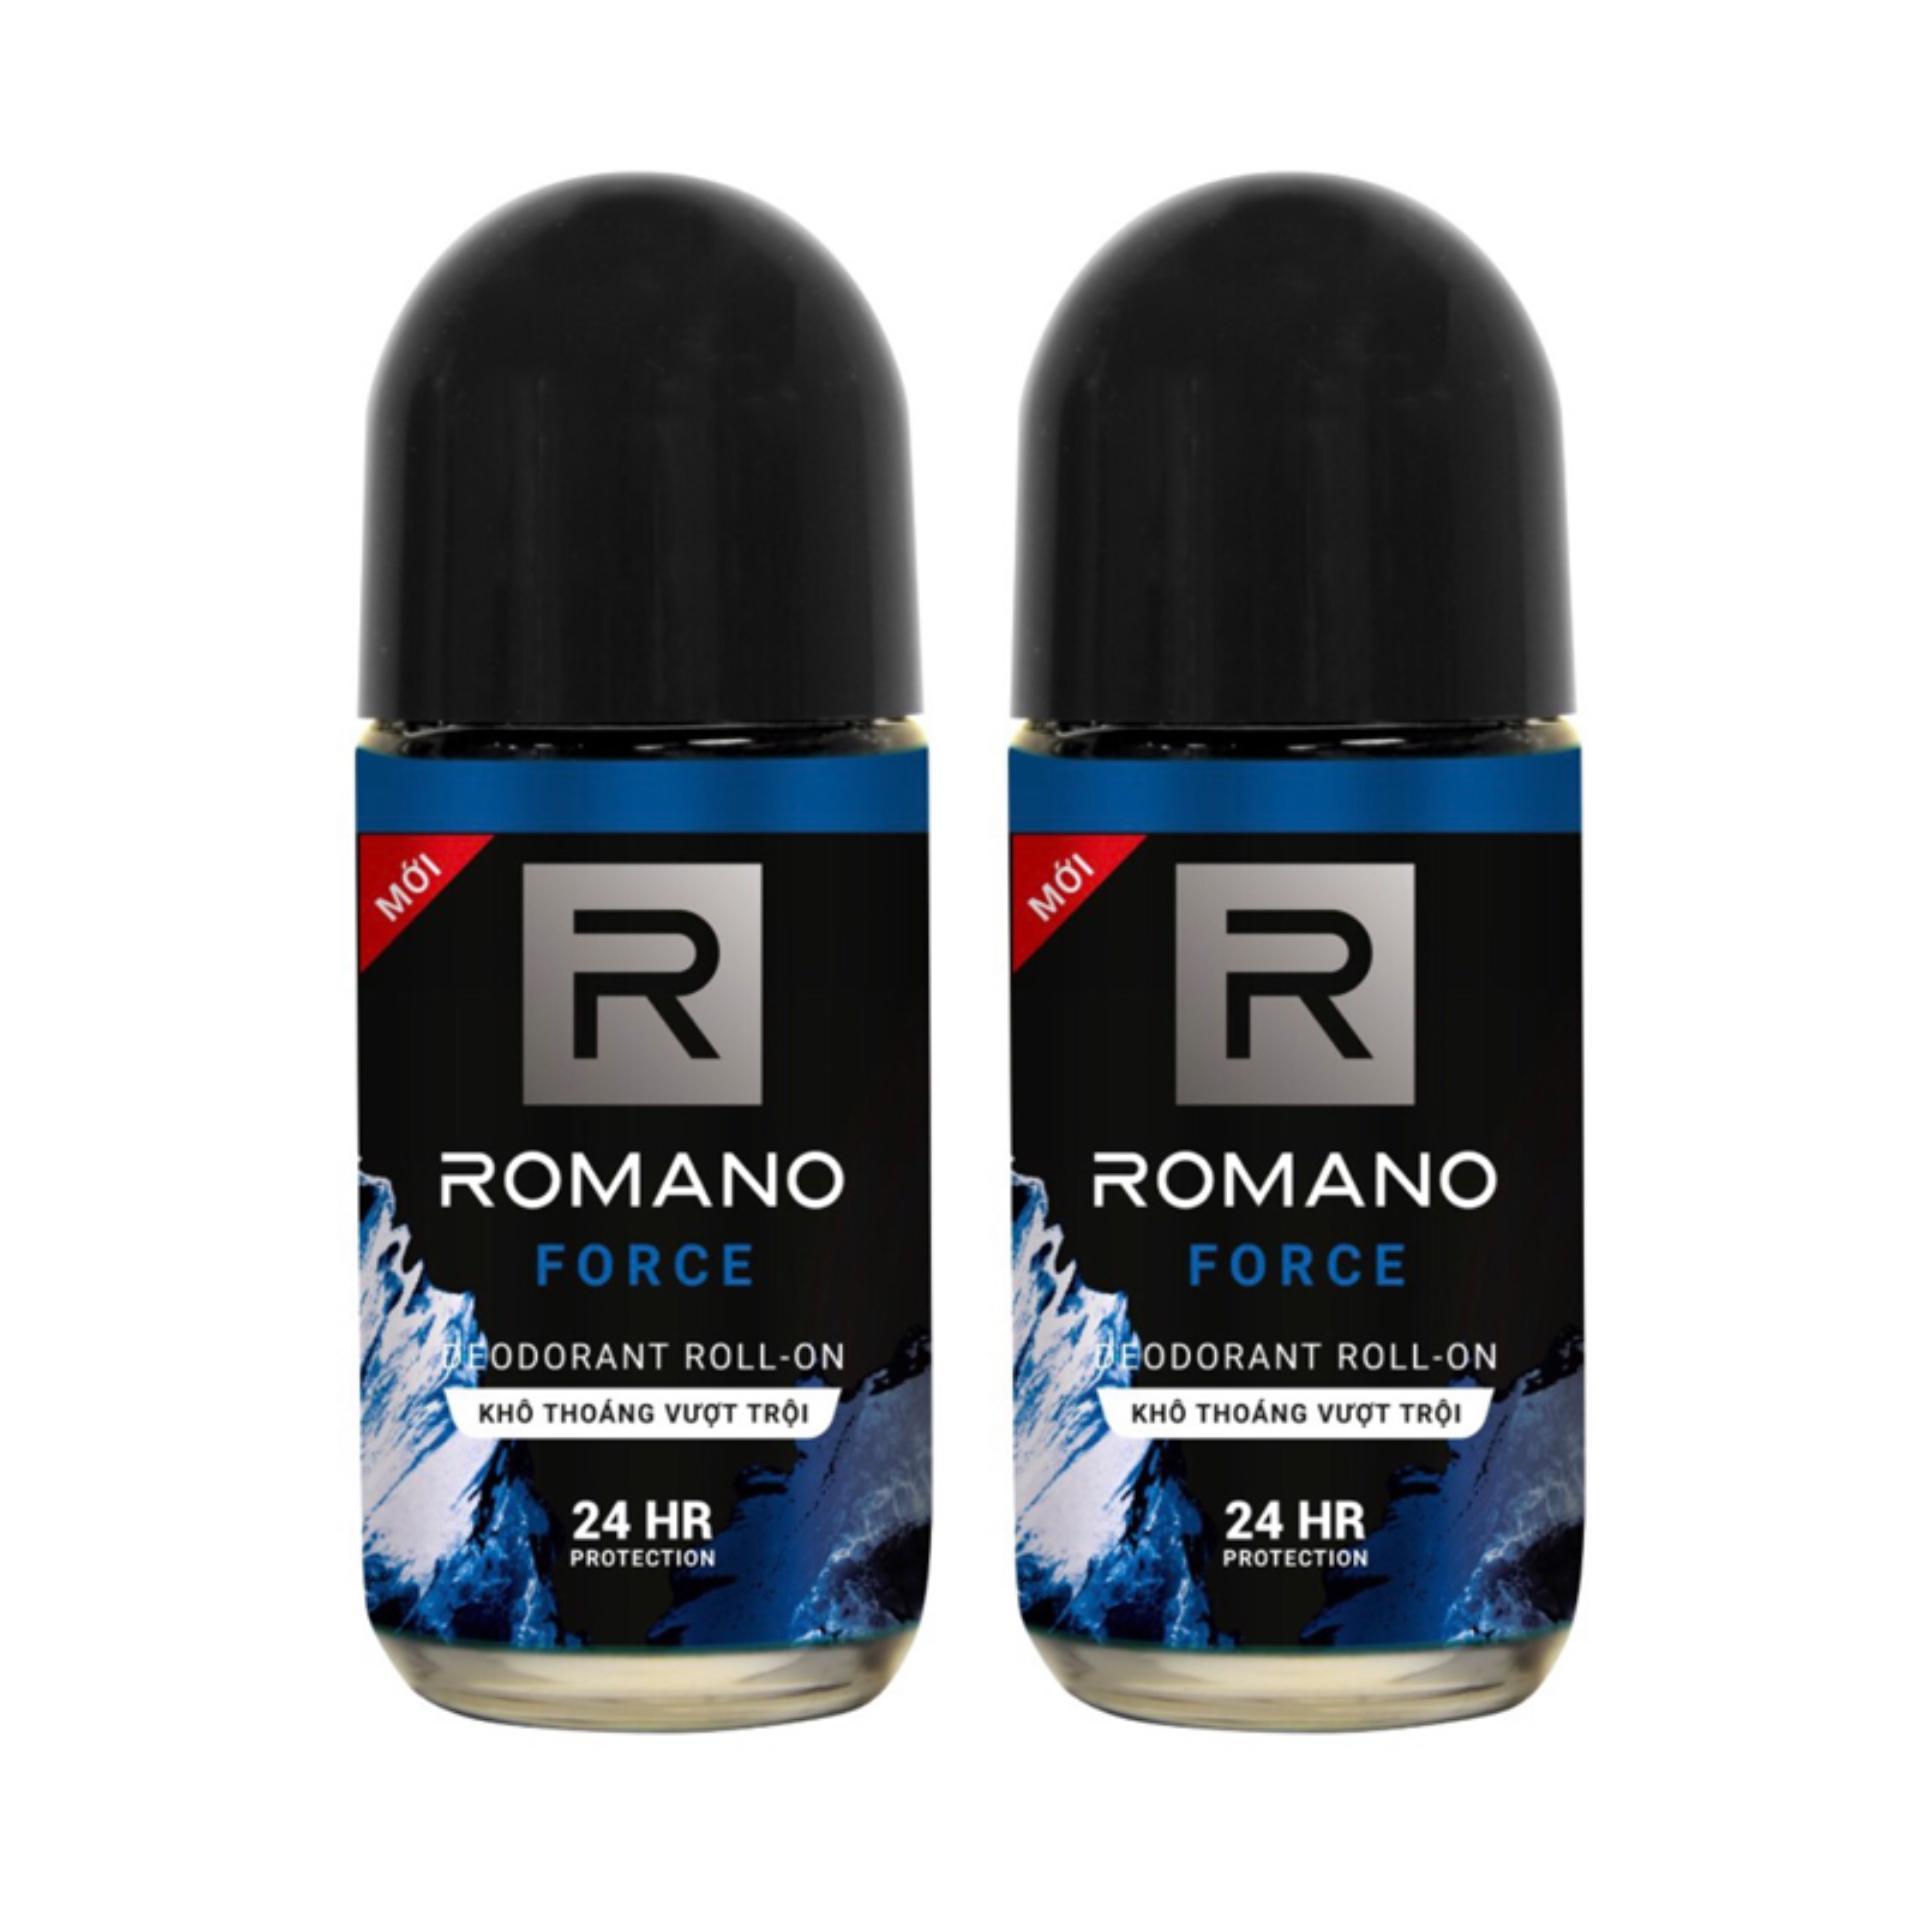 Combo 2 lăn khử mùi Romano Froce 50ml (50ml x2) cao cấp